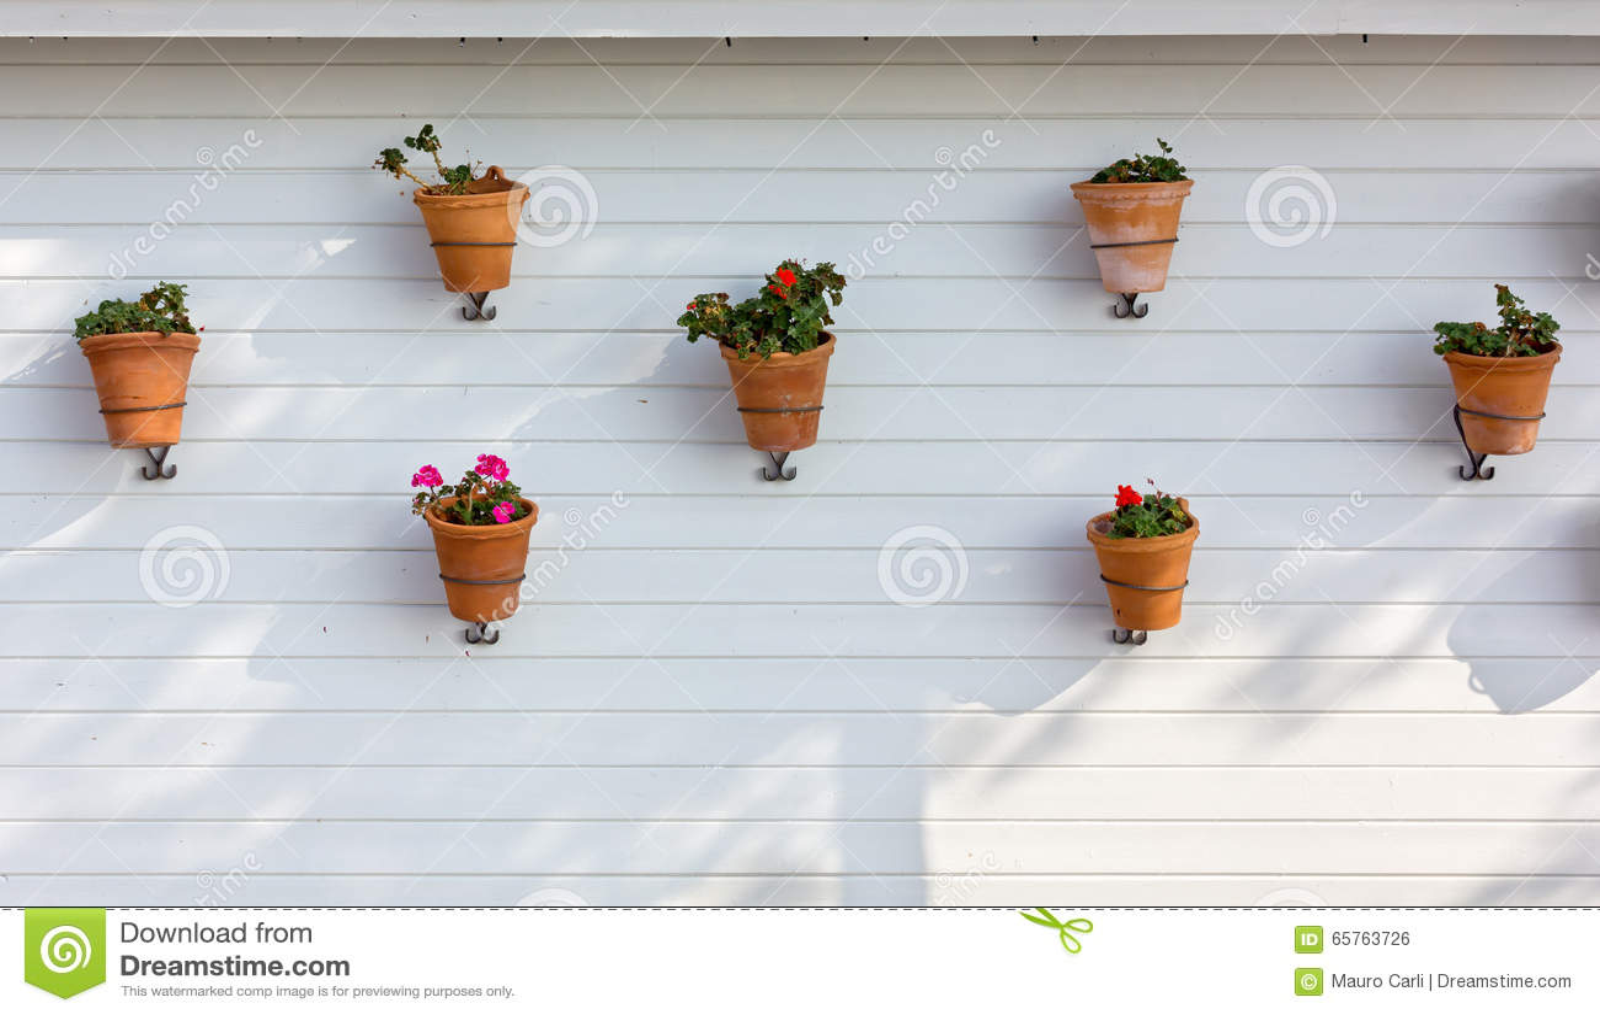 Pots de fleurs accroch s sur un mur ext rieur photo stock - Accroche pot de fleur ...